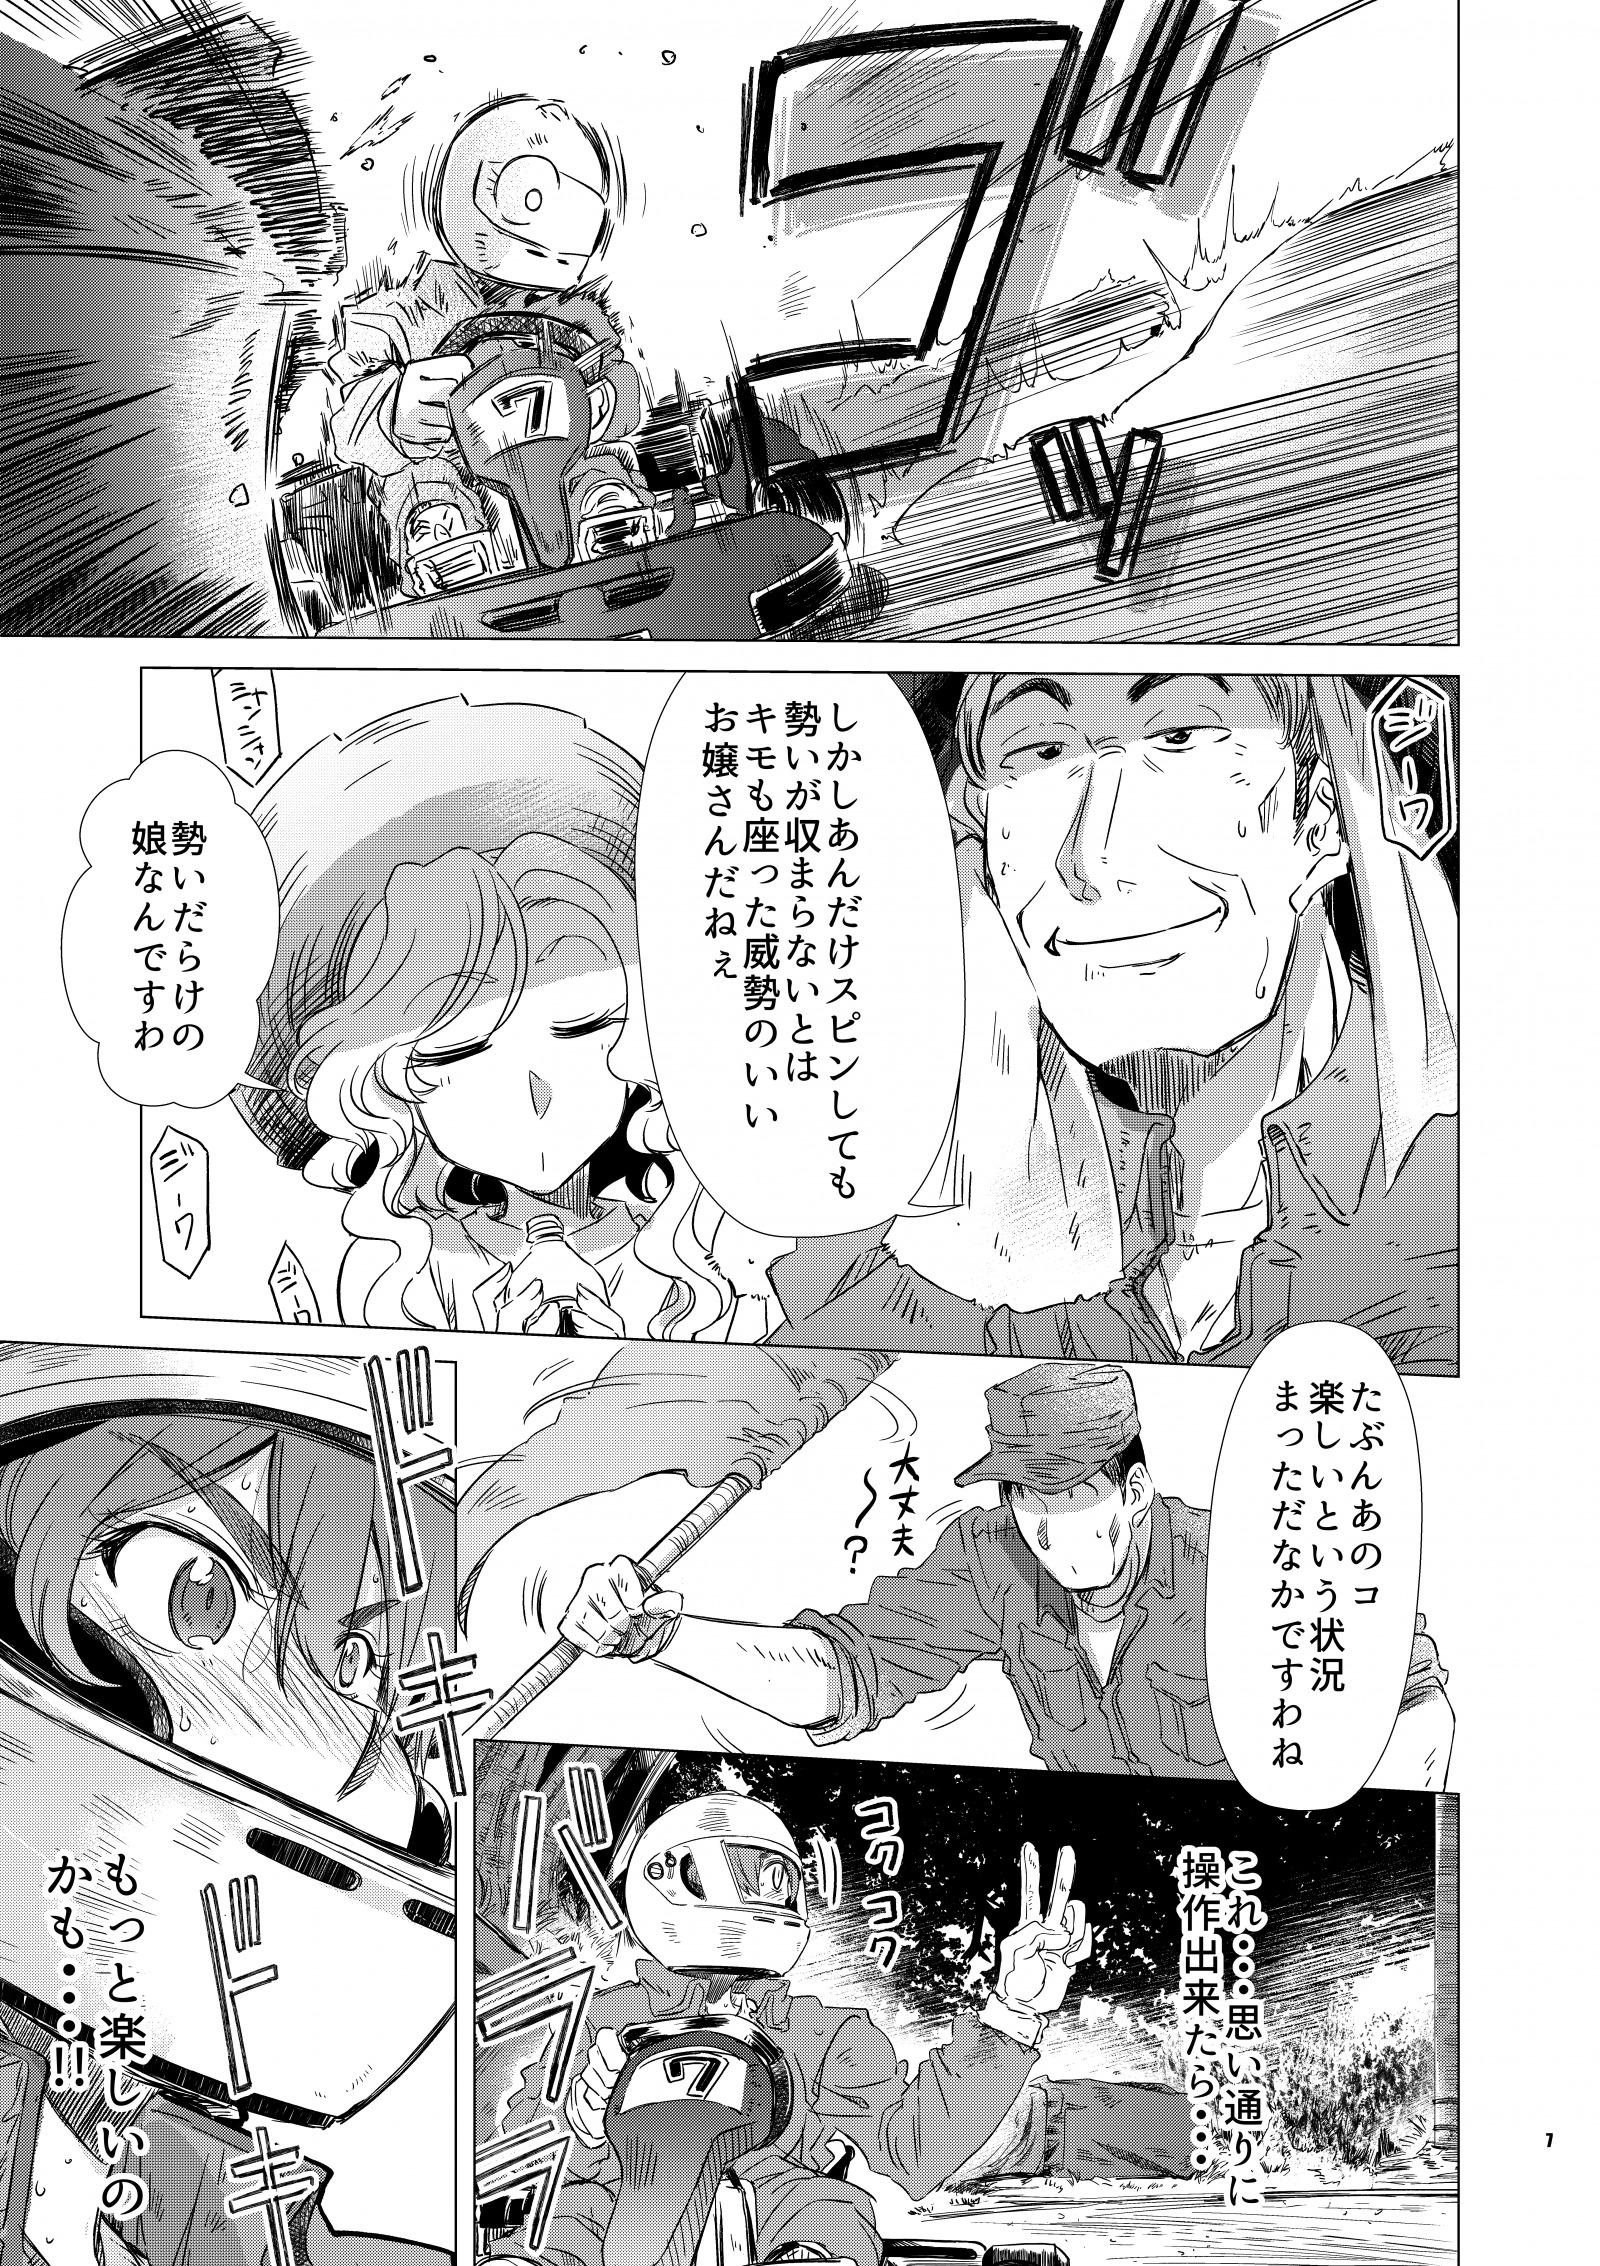 Naname! vol004_007